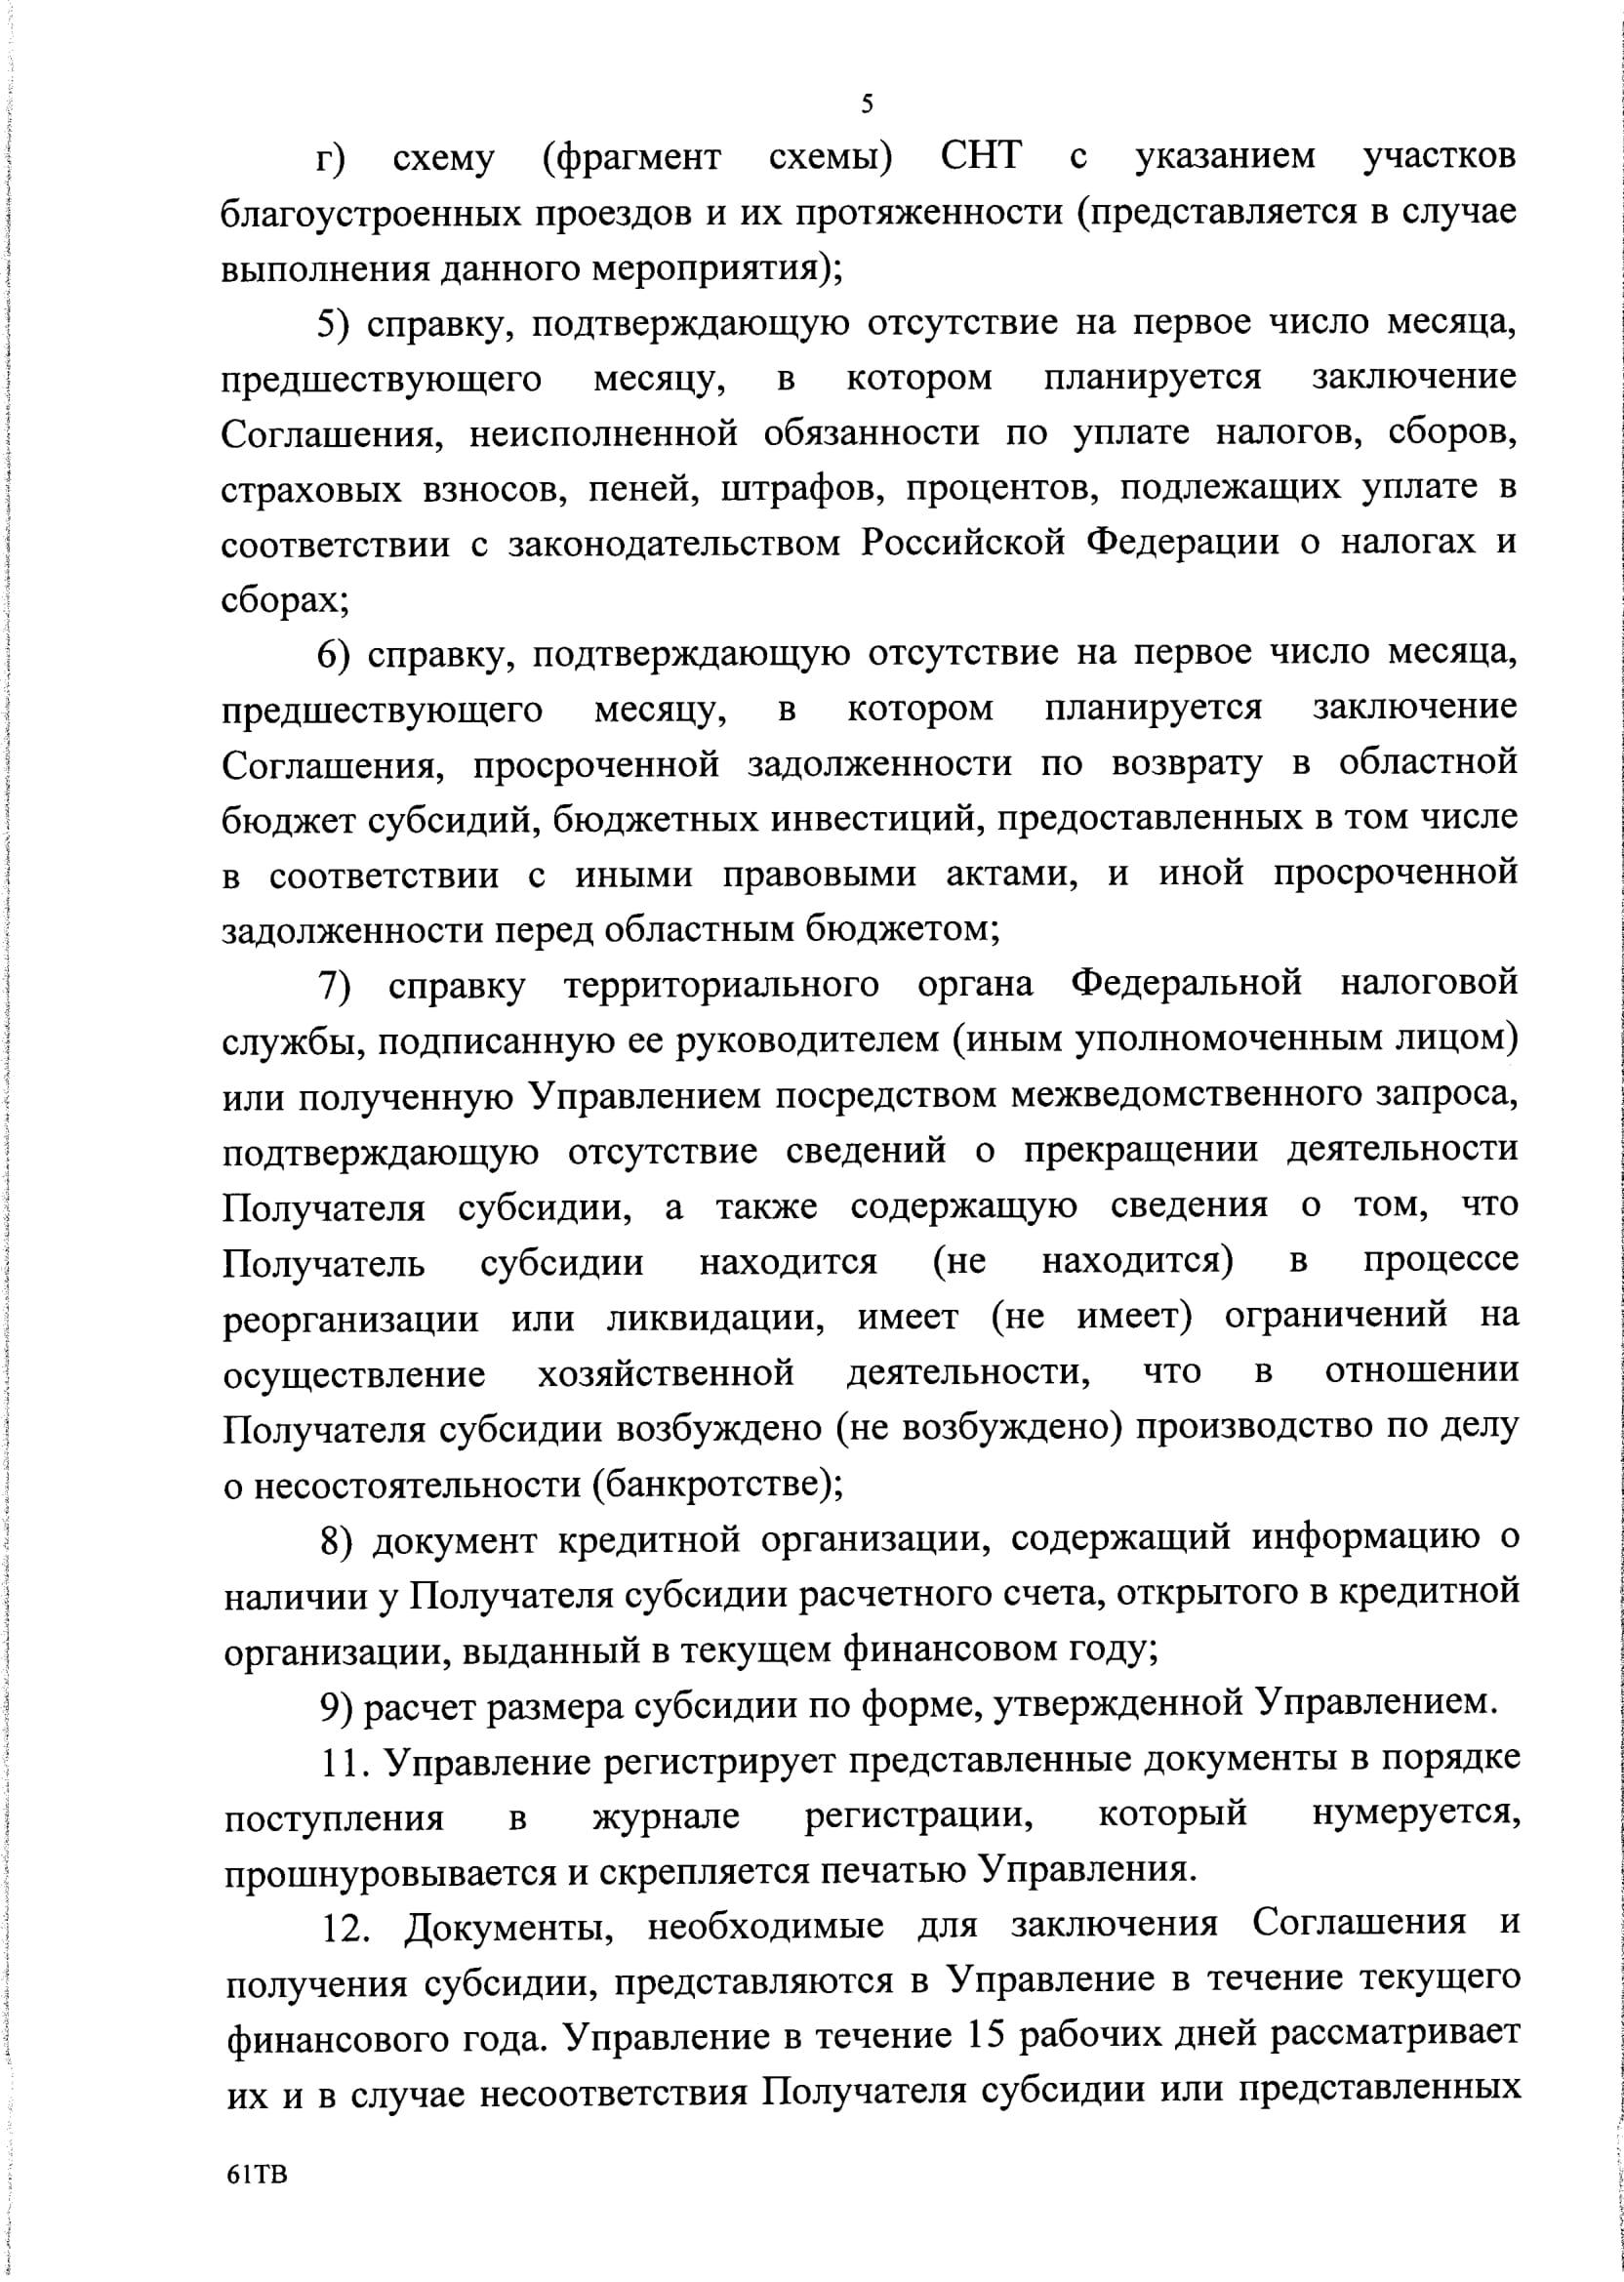 бесплатные знакомства по псковской области